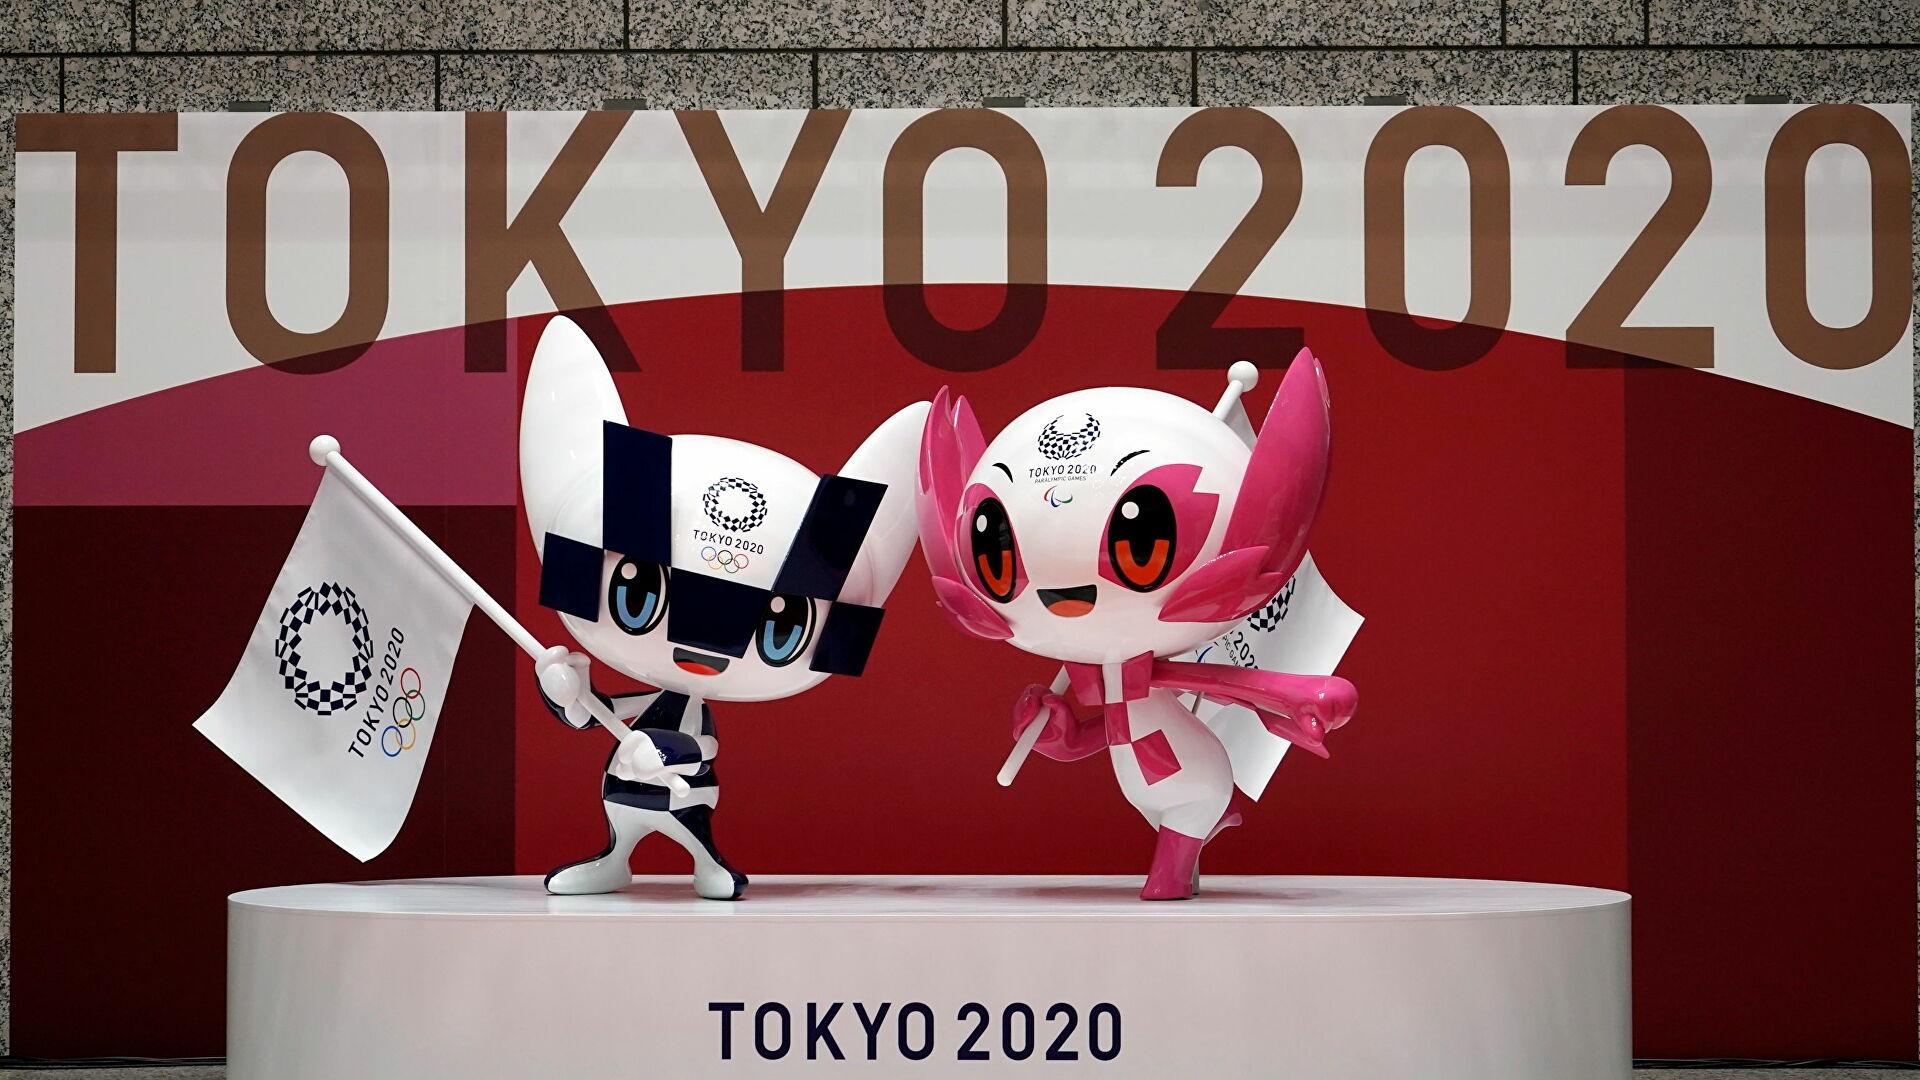 Tokyo 2020 Olympics free photo